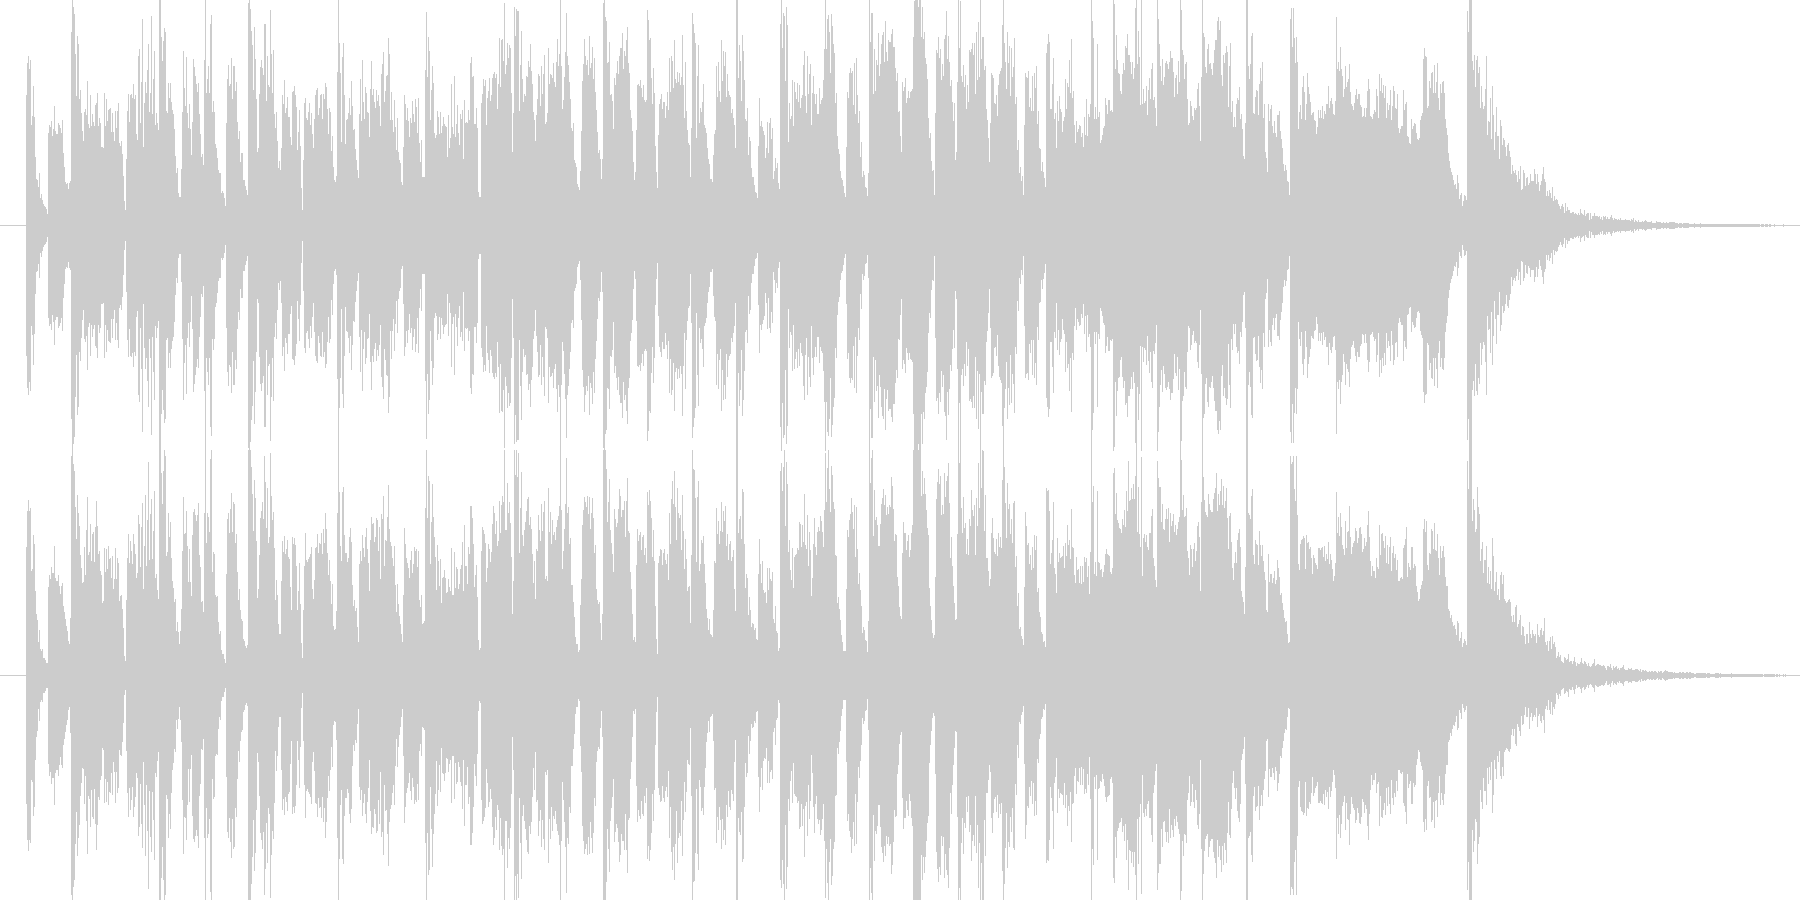 クイズに使えそうなテクノポップな曲ですの未再生の波形